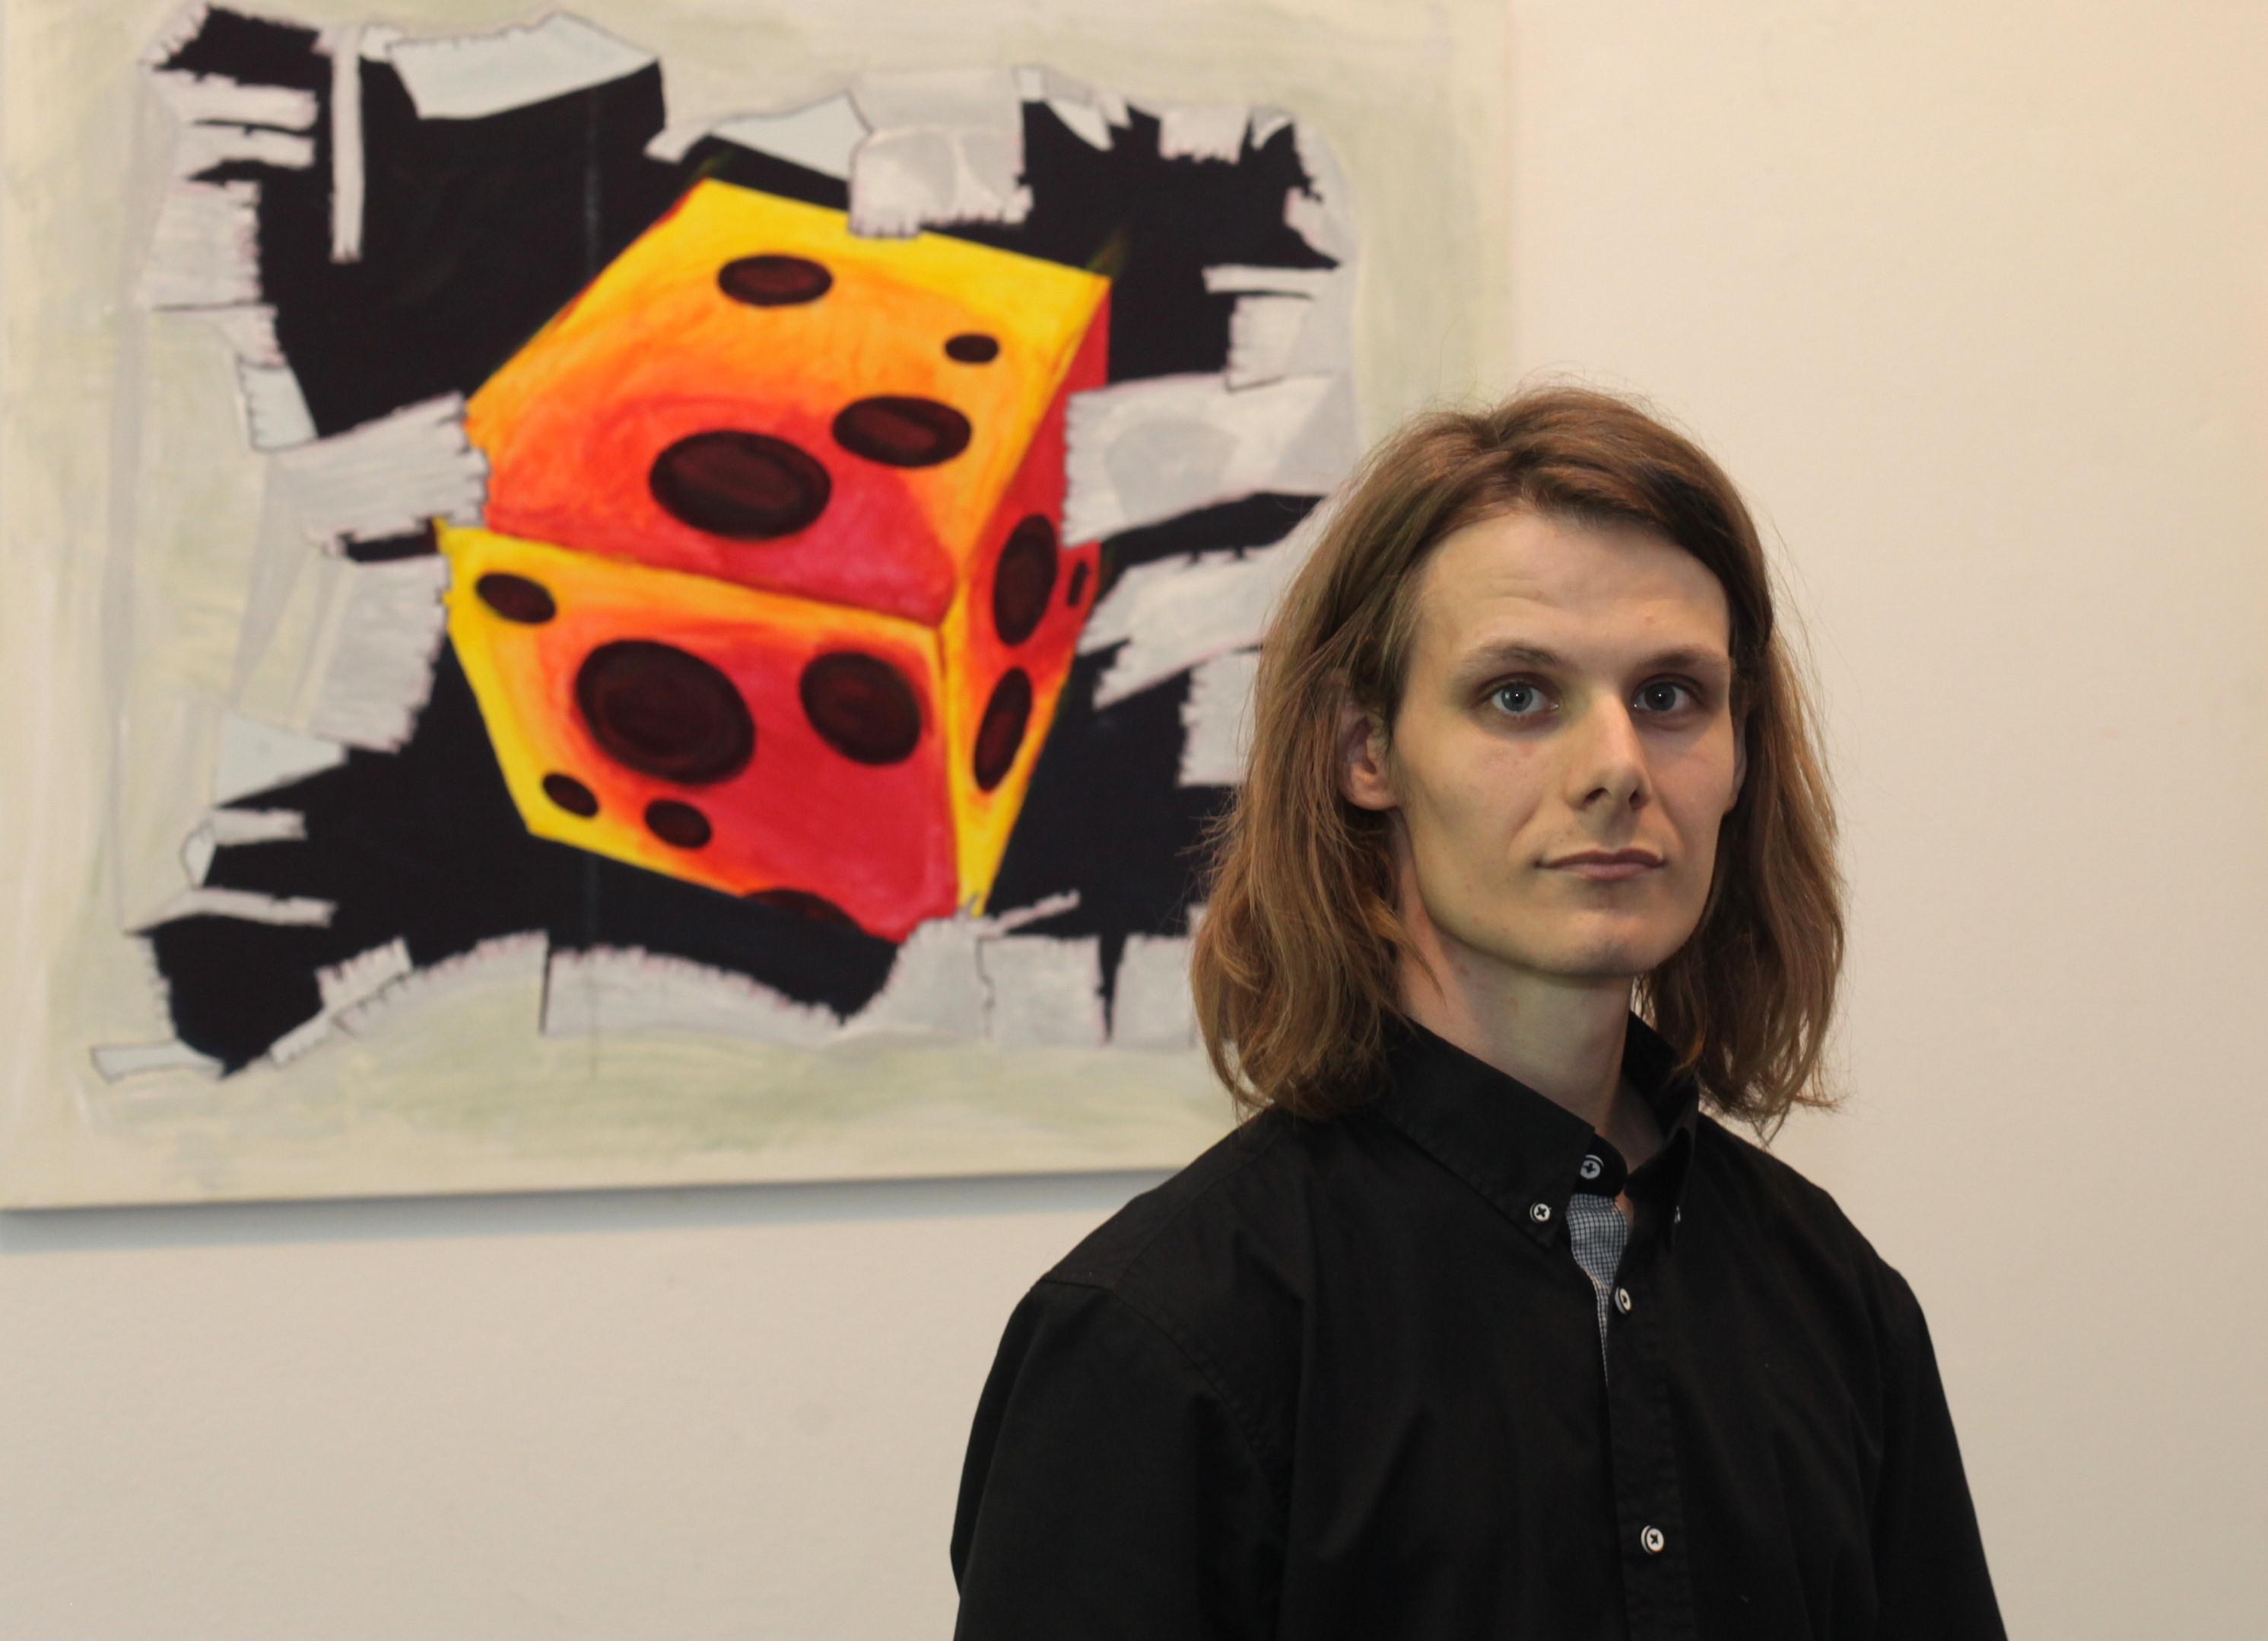 mlady-umelec-daniel-kos-uvedl-svoji-prvni-vystavu-prostoupeni